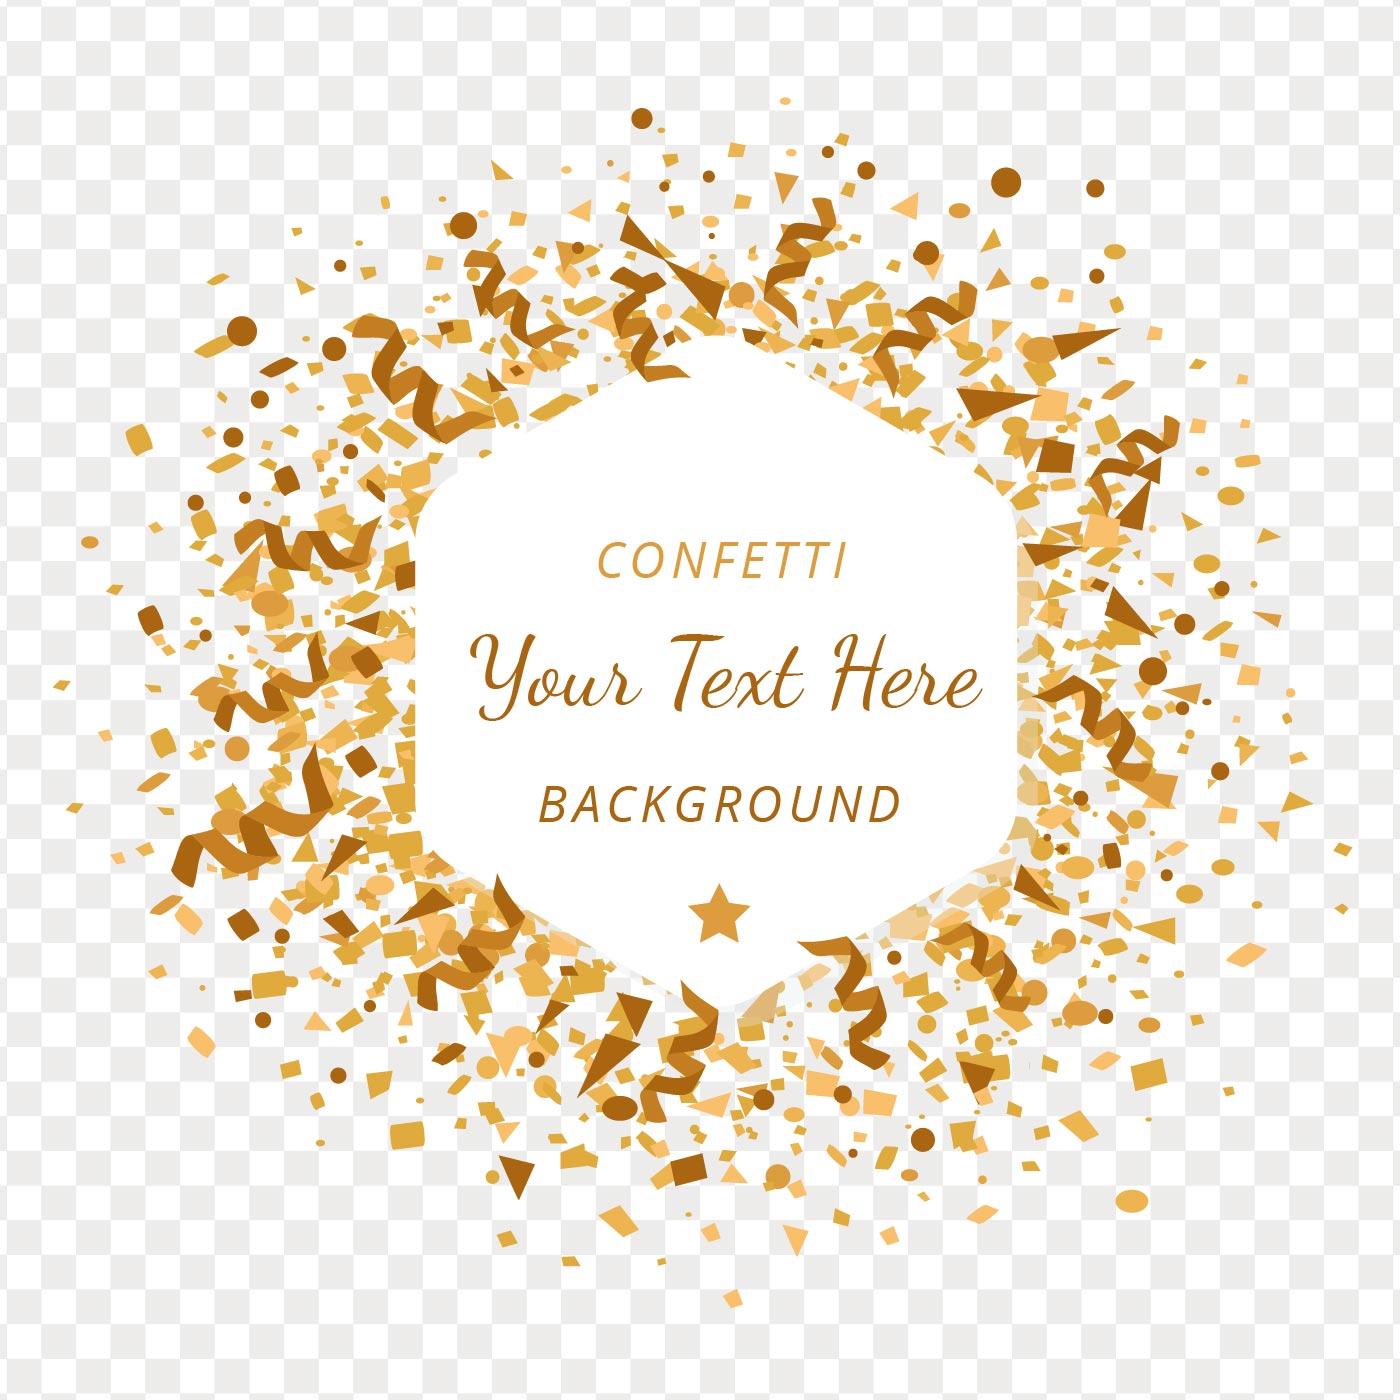 Gold Confetti Free Vector Art - (3826 Free Downloads)